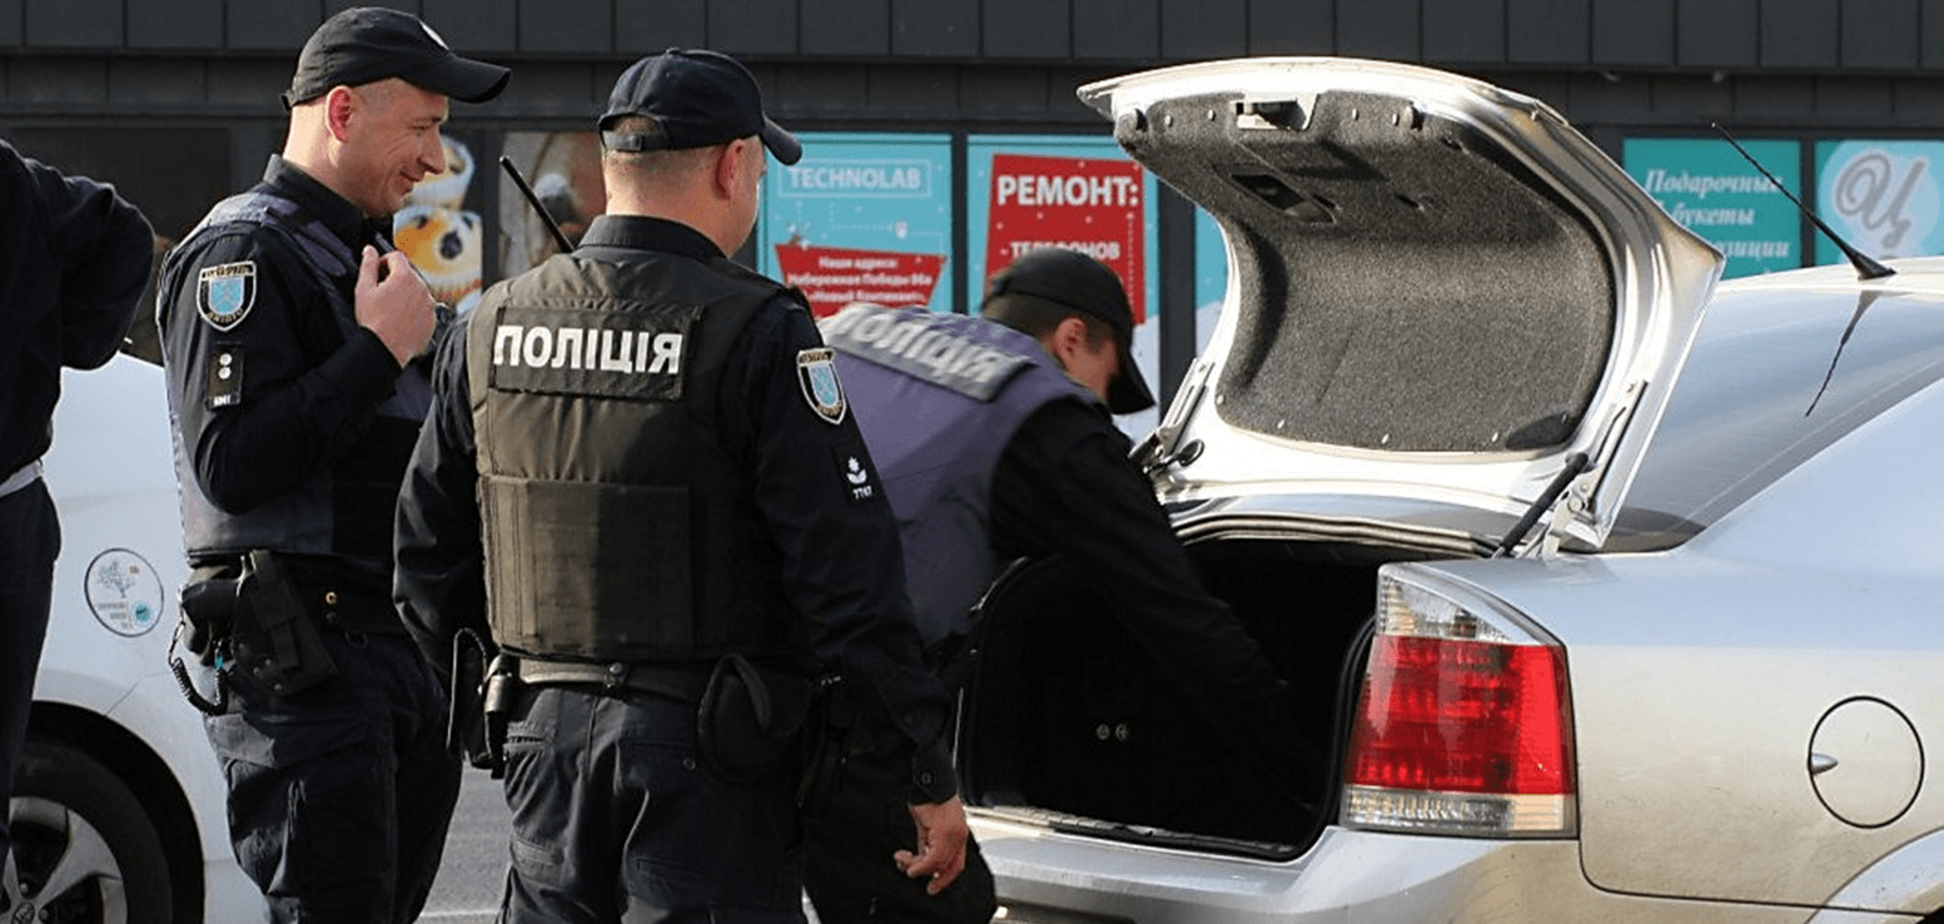 Когда и как полиция может досматривать автомобиль – разъяснения адвоката